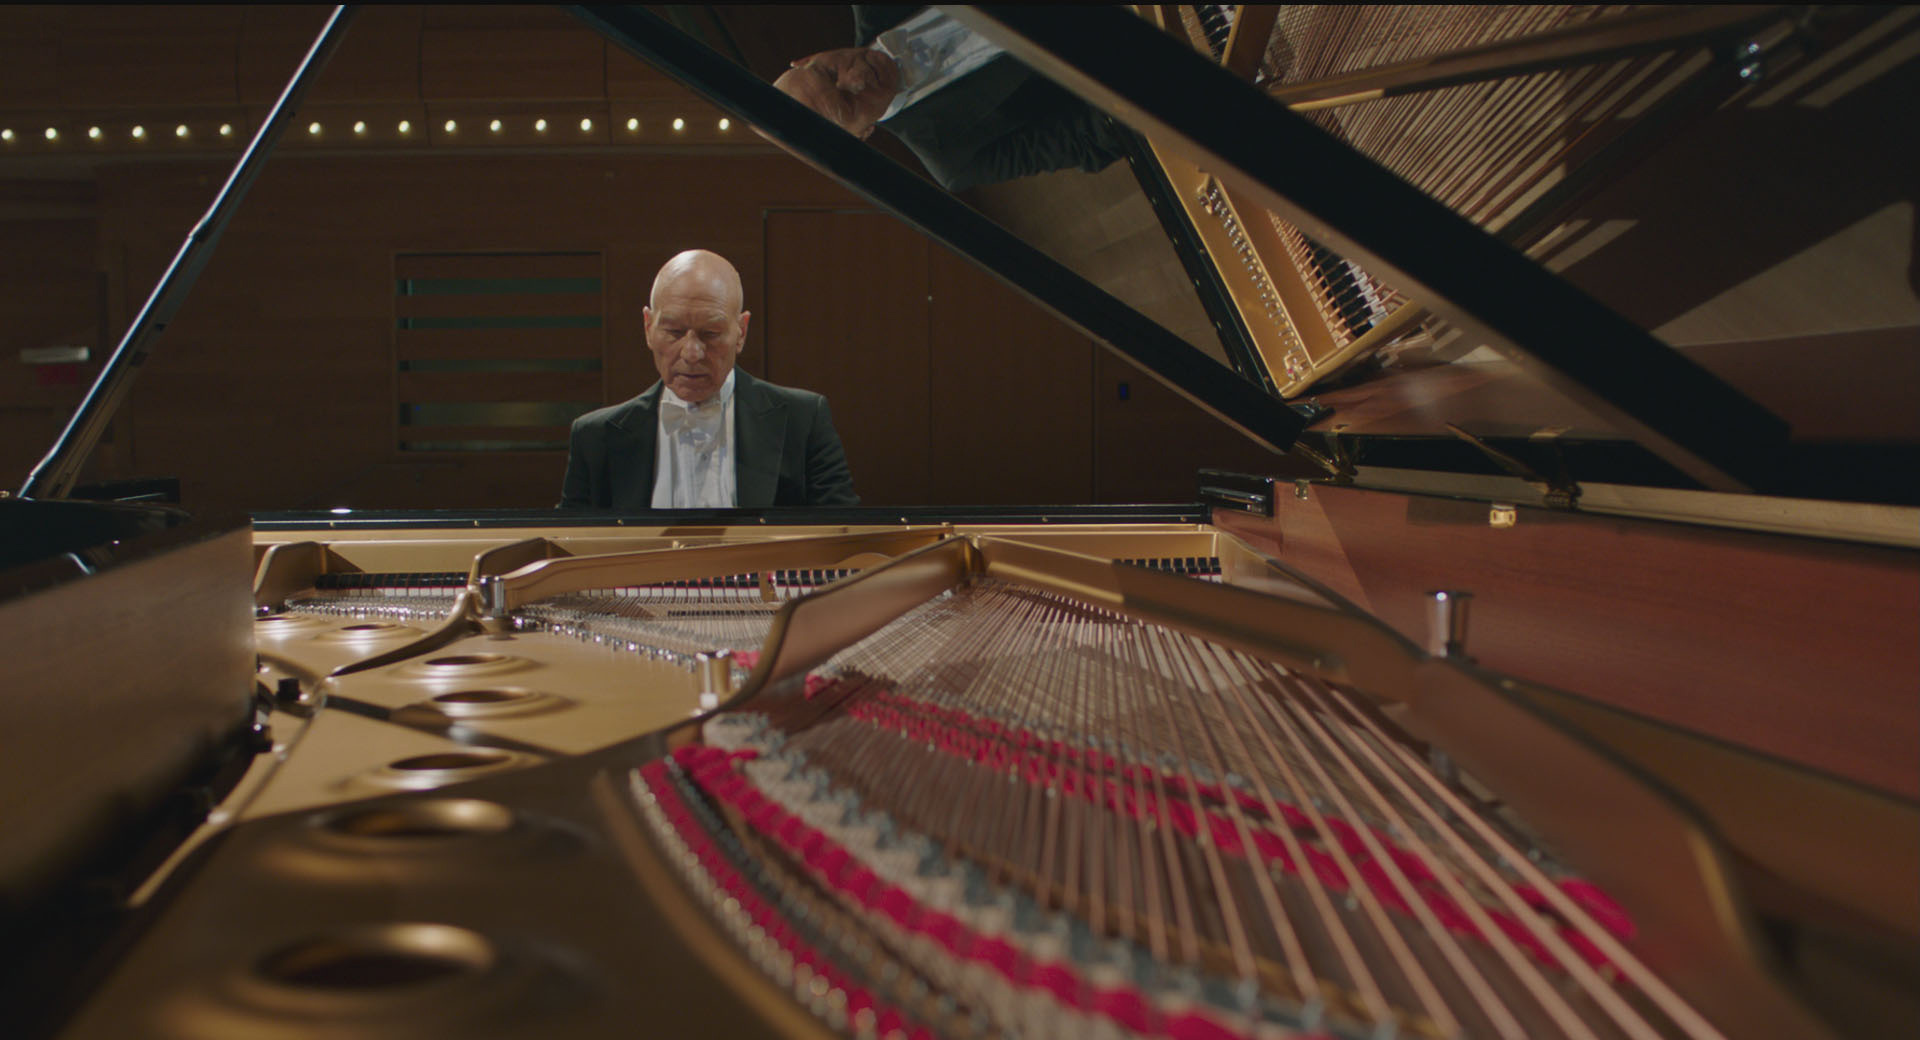 為了演出這個角色,沒有鋼琴演奏基礎的派屈克在開拍前兩個月便開始努力學習如何「看起來很會彈琴」